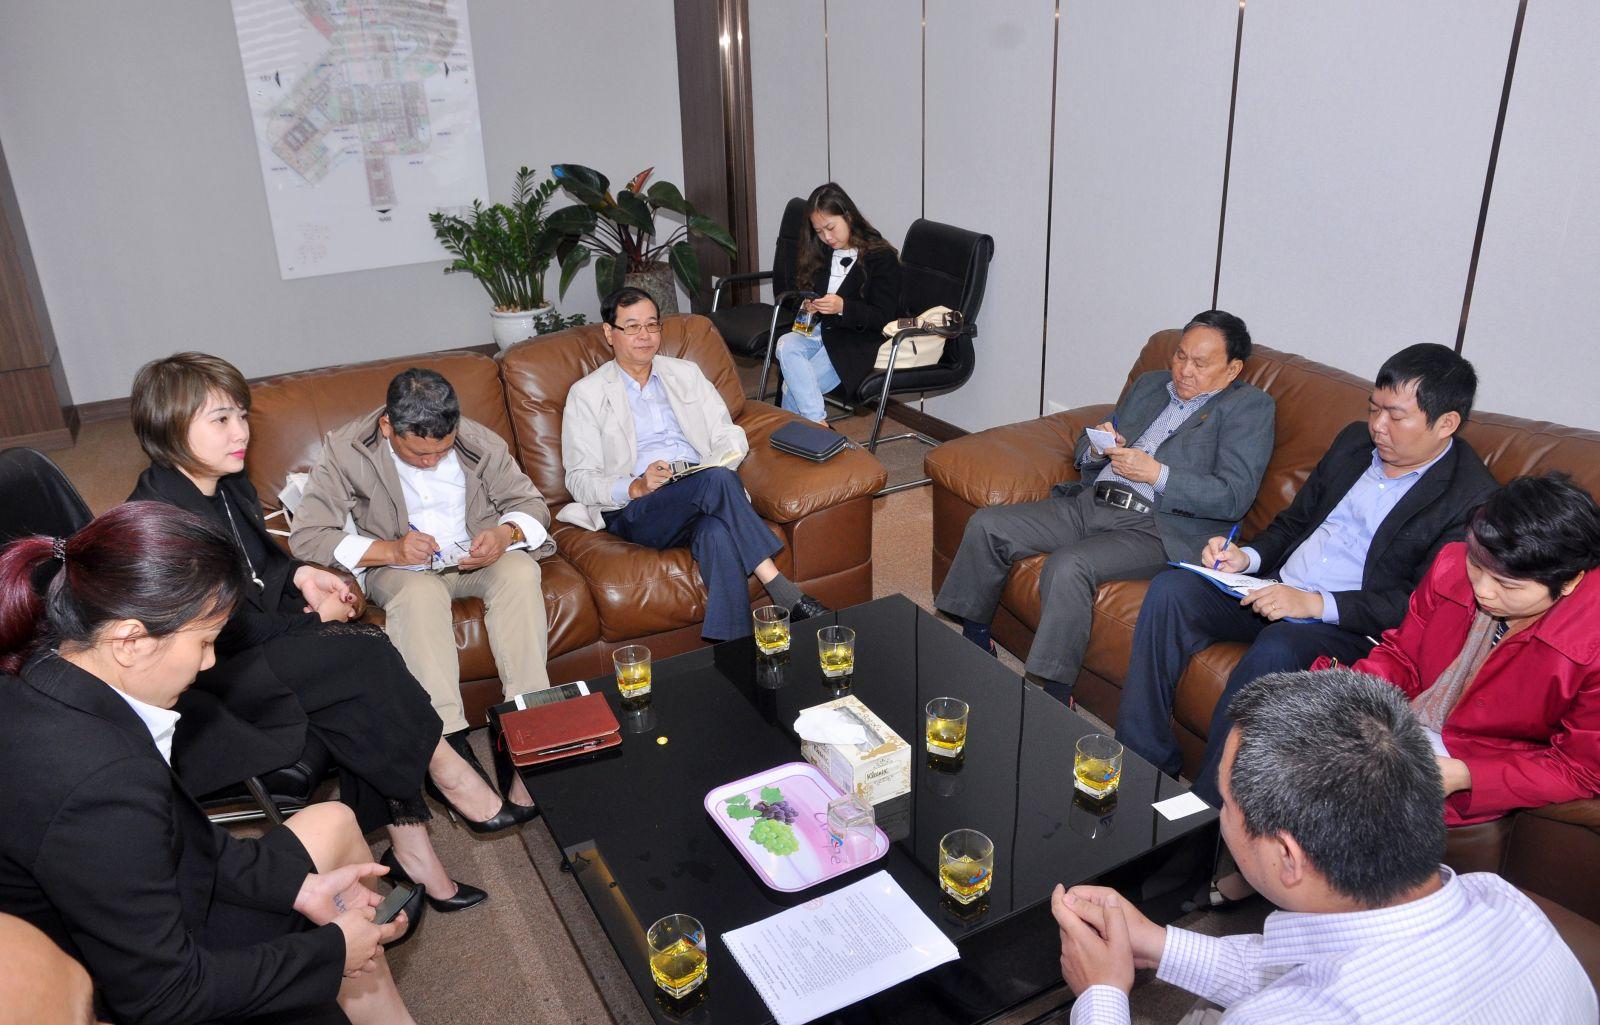 Hội đồng Giám khảo nghe đại diện dự án Thanh Hà thuyết trình về dự án.